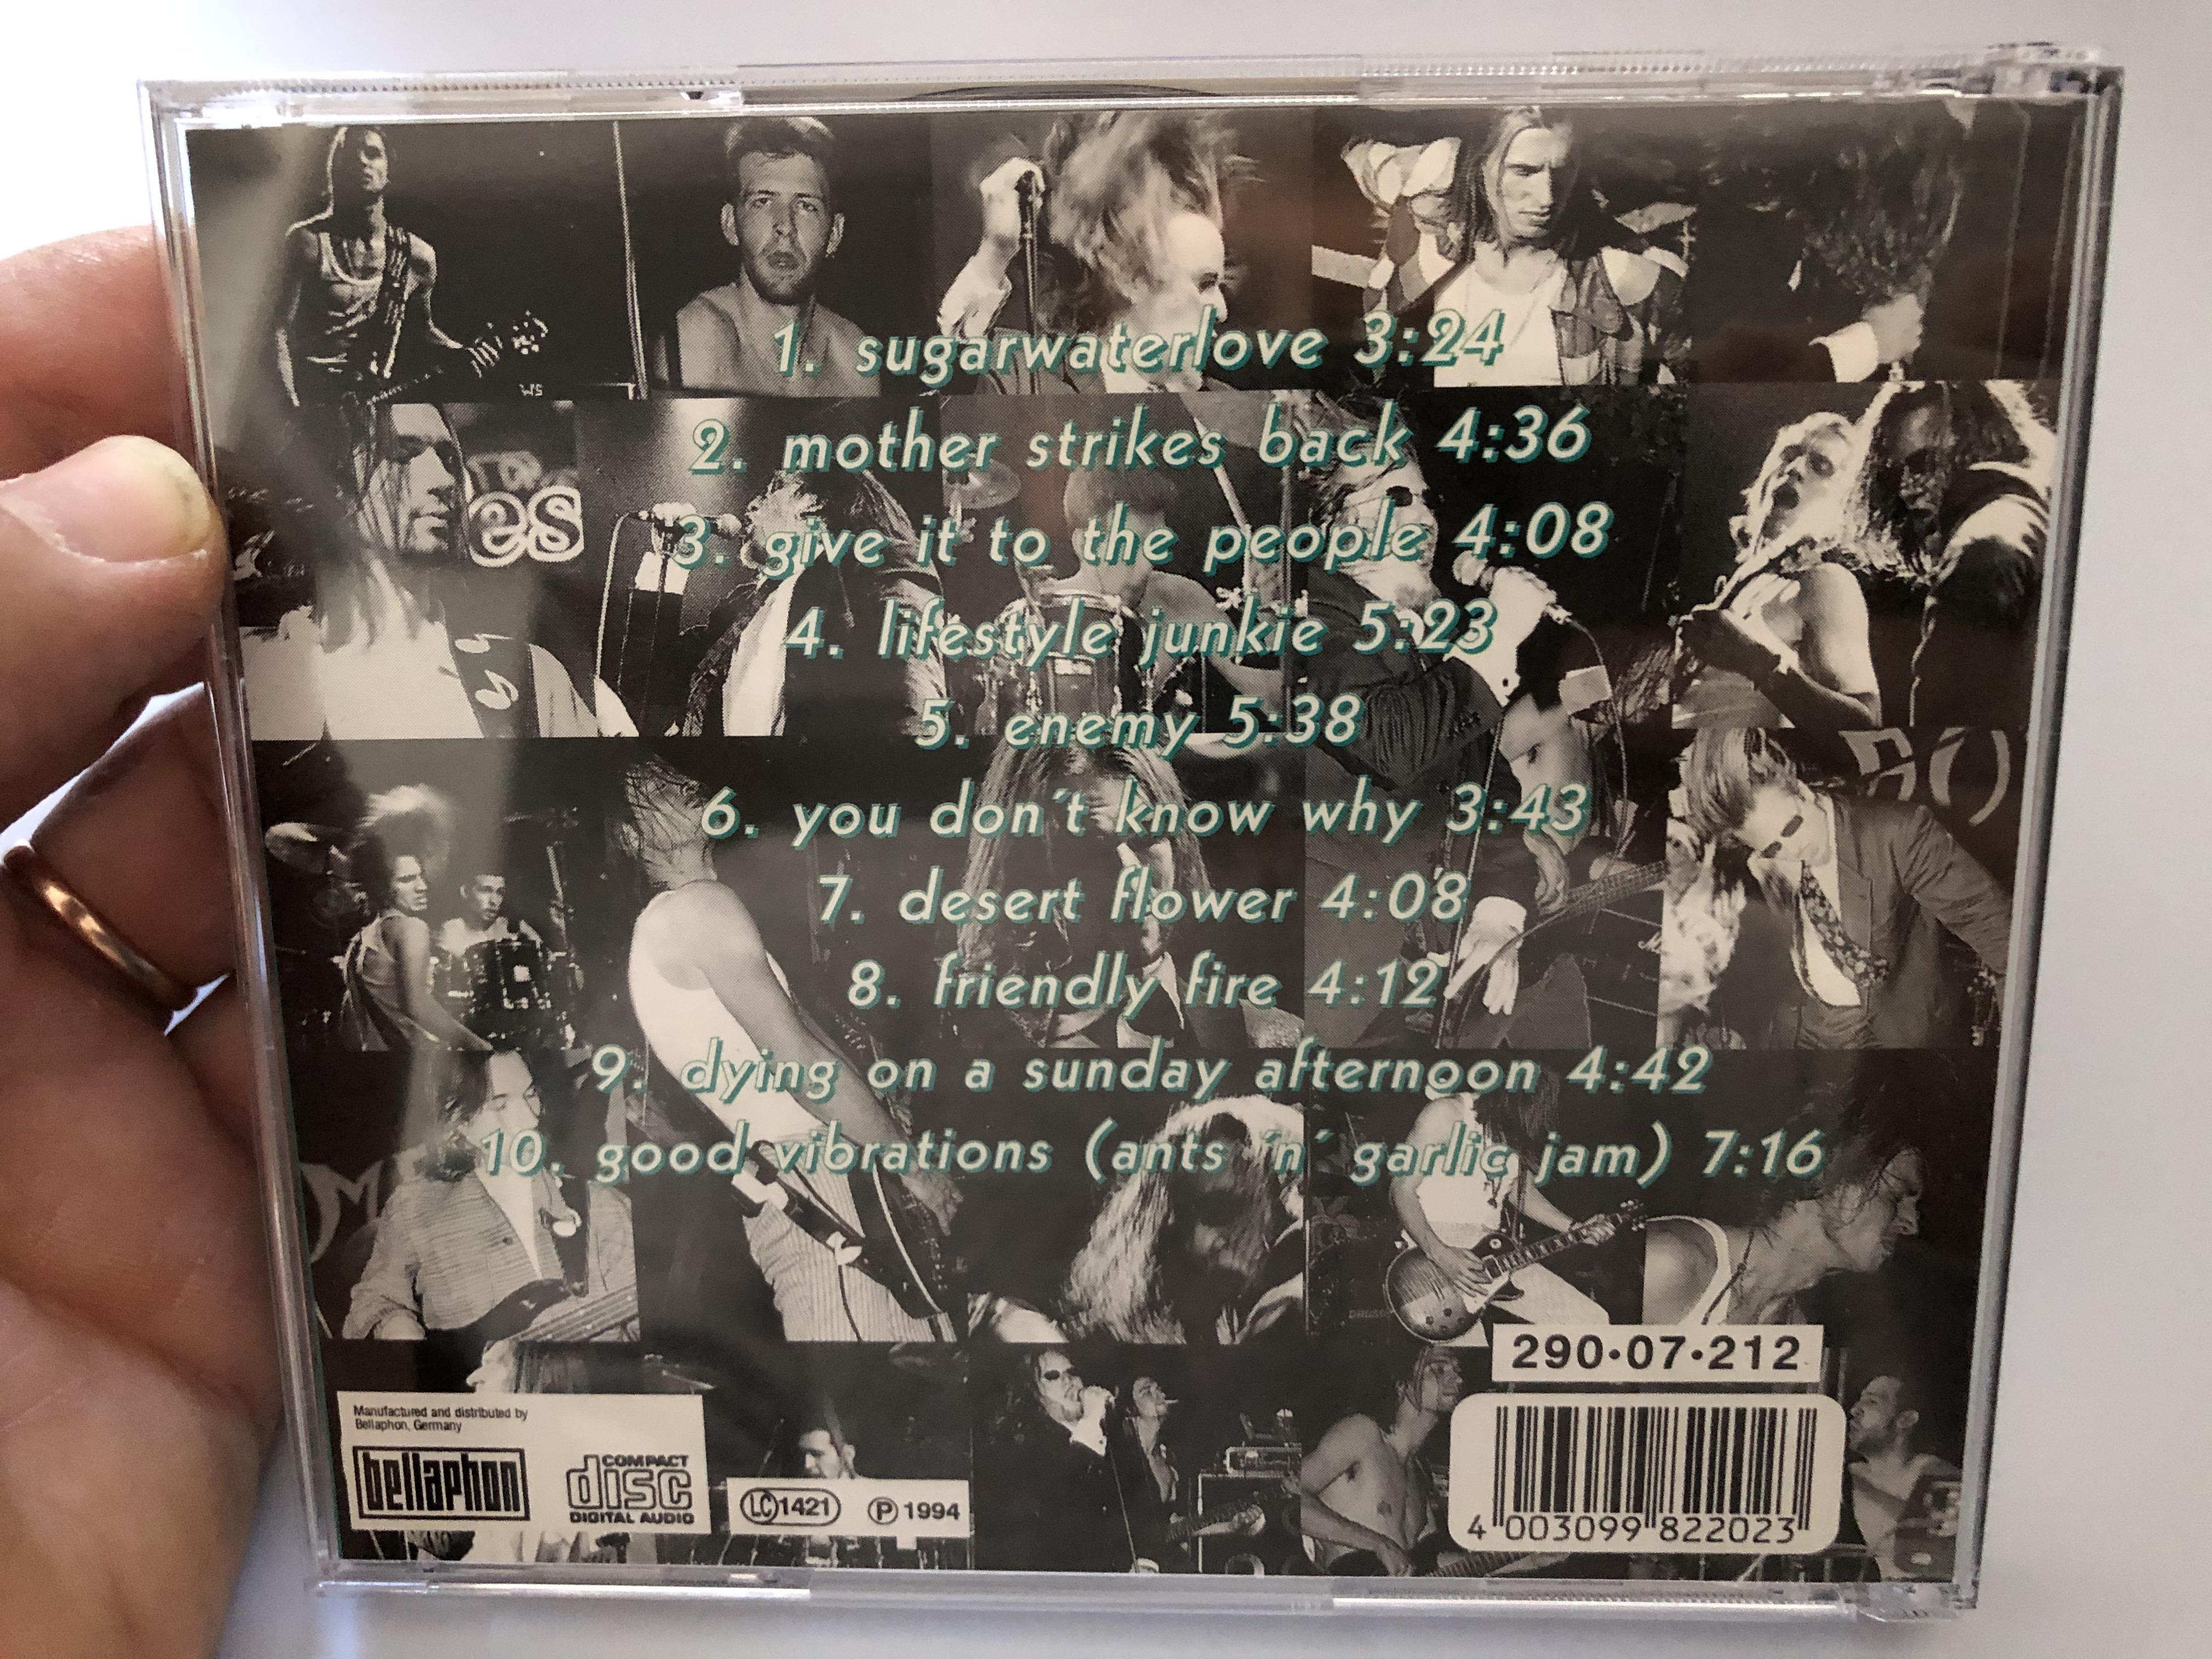 the-automanic-bellaphon-audio-cd-1994-290-07-212-2-.jpg